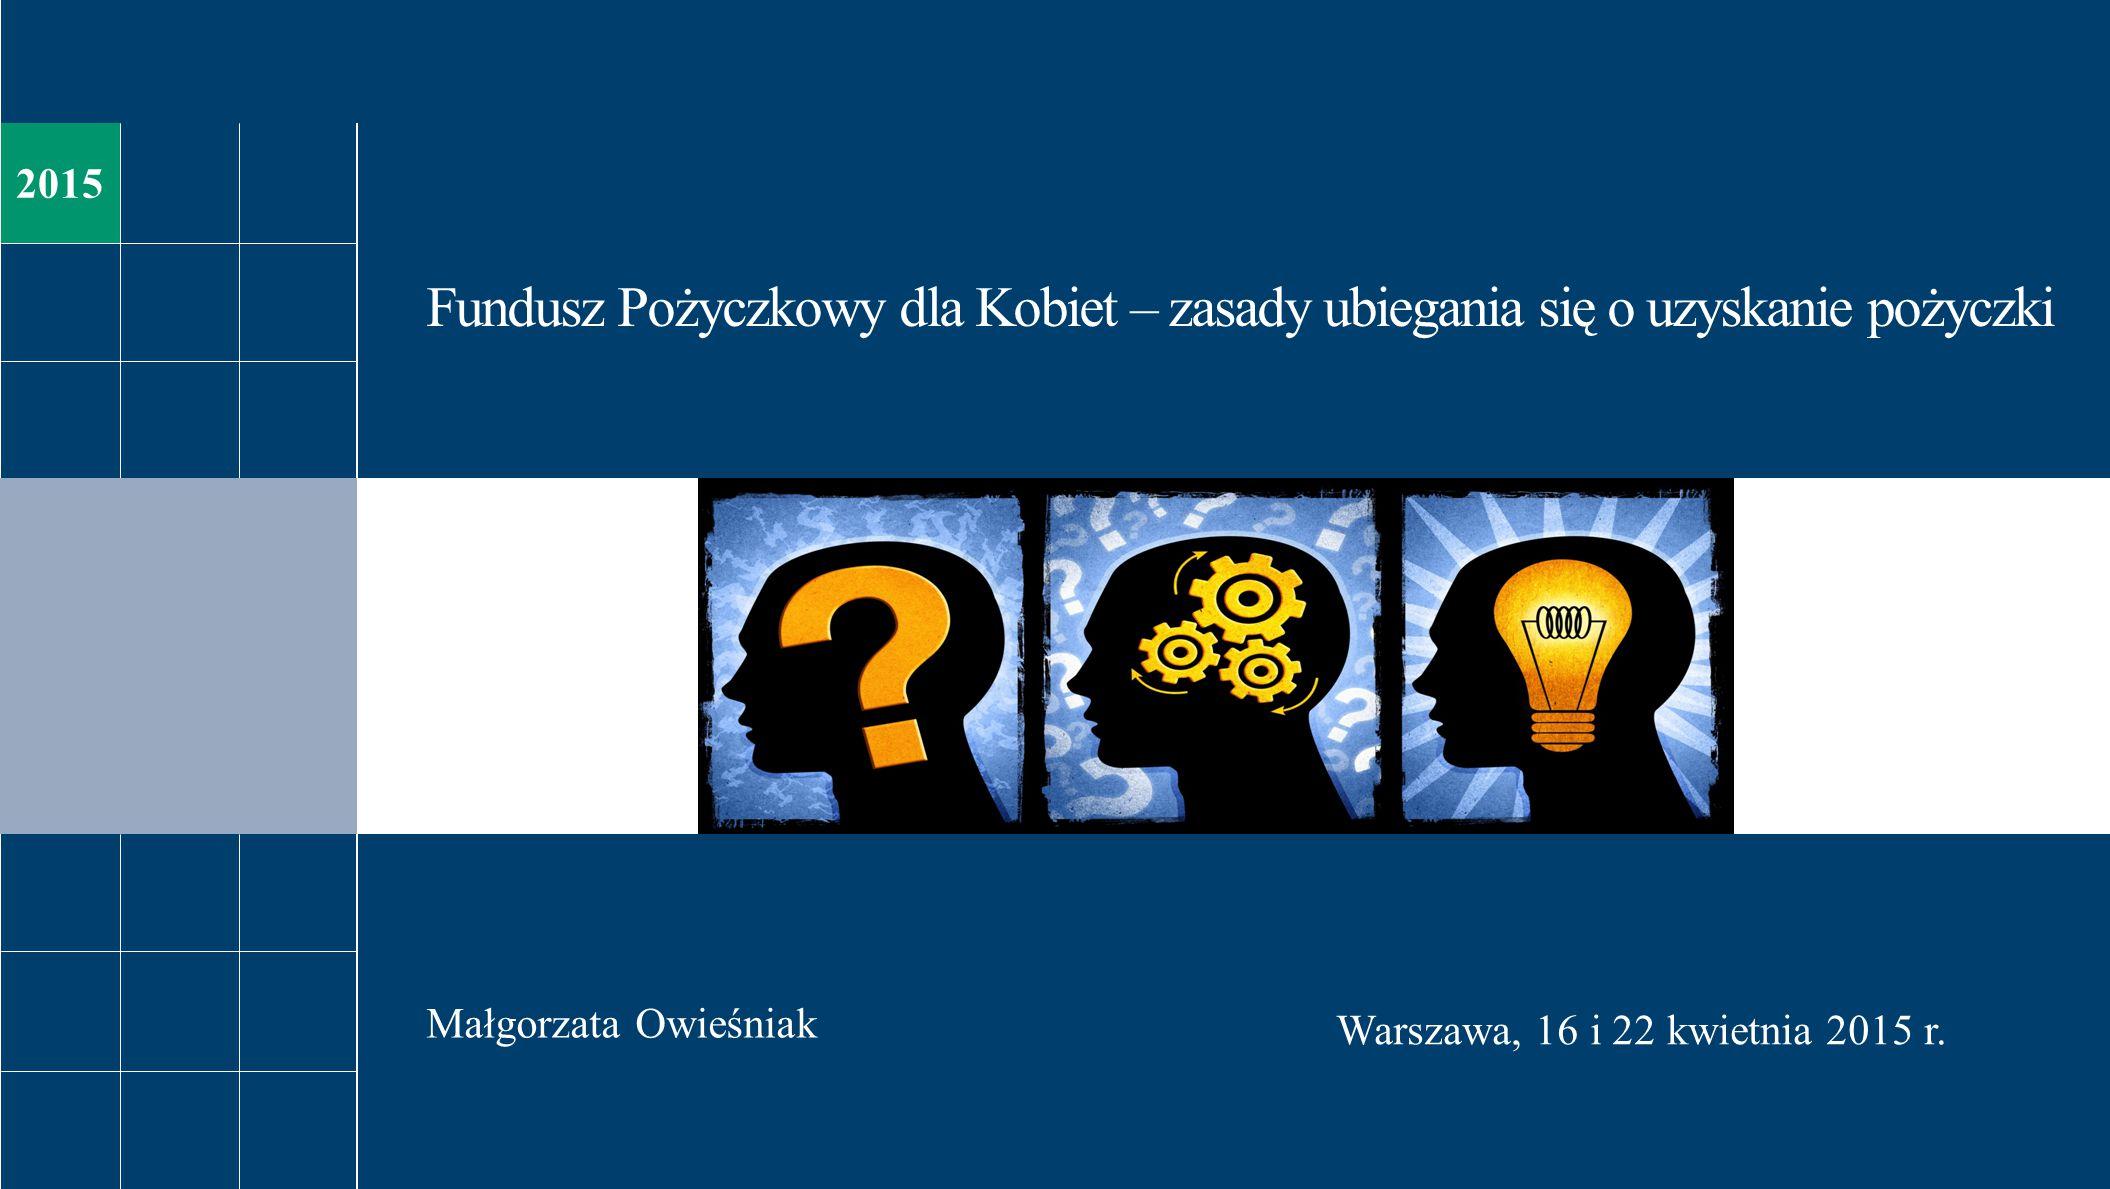 Fundusz Pożyczkowy dla Kobiet – zasady ubiegania się o uzyskanie pożyczki Małgorzata Owieśniak Warszawa, 16 i 22 kwietnia 2015 r. 2015